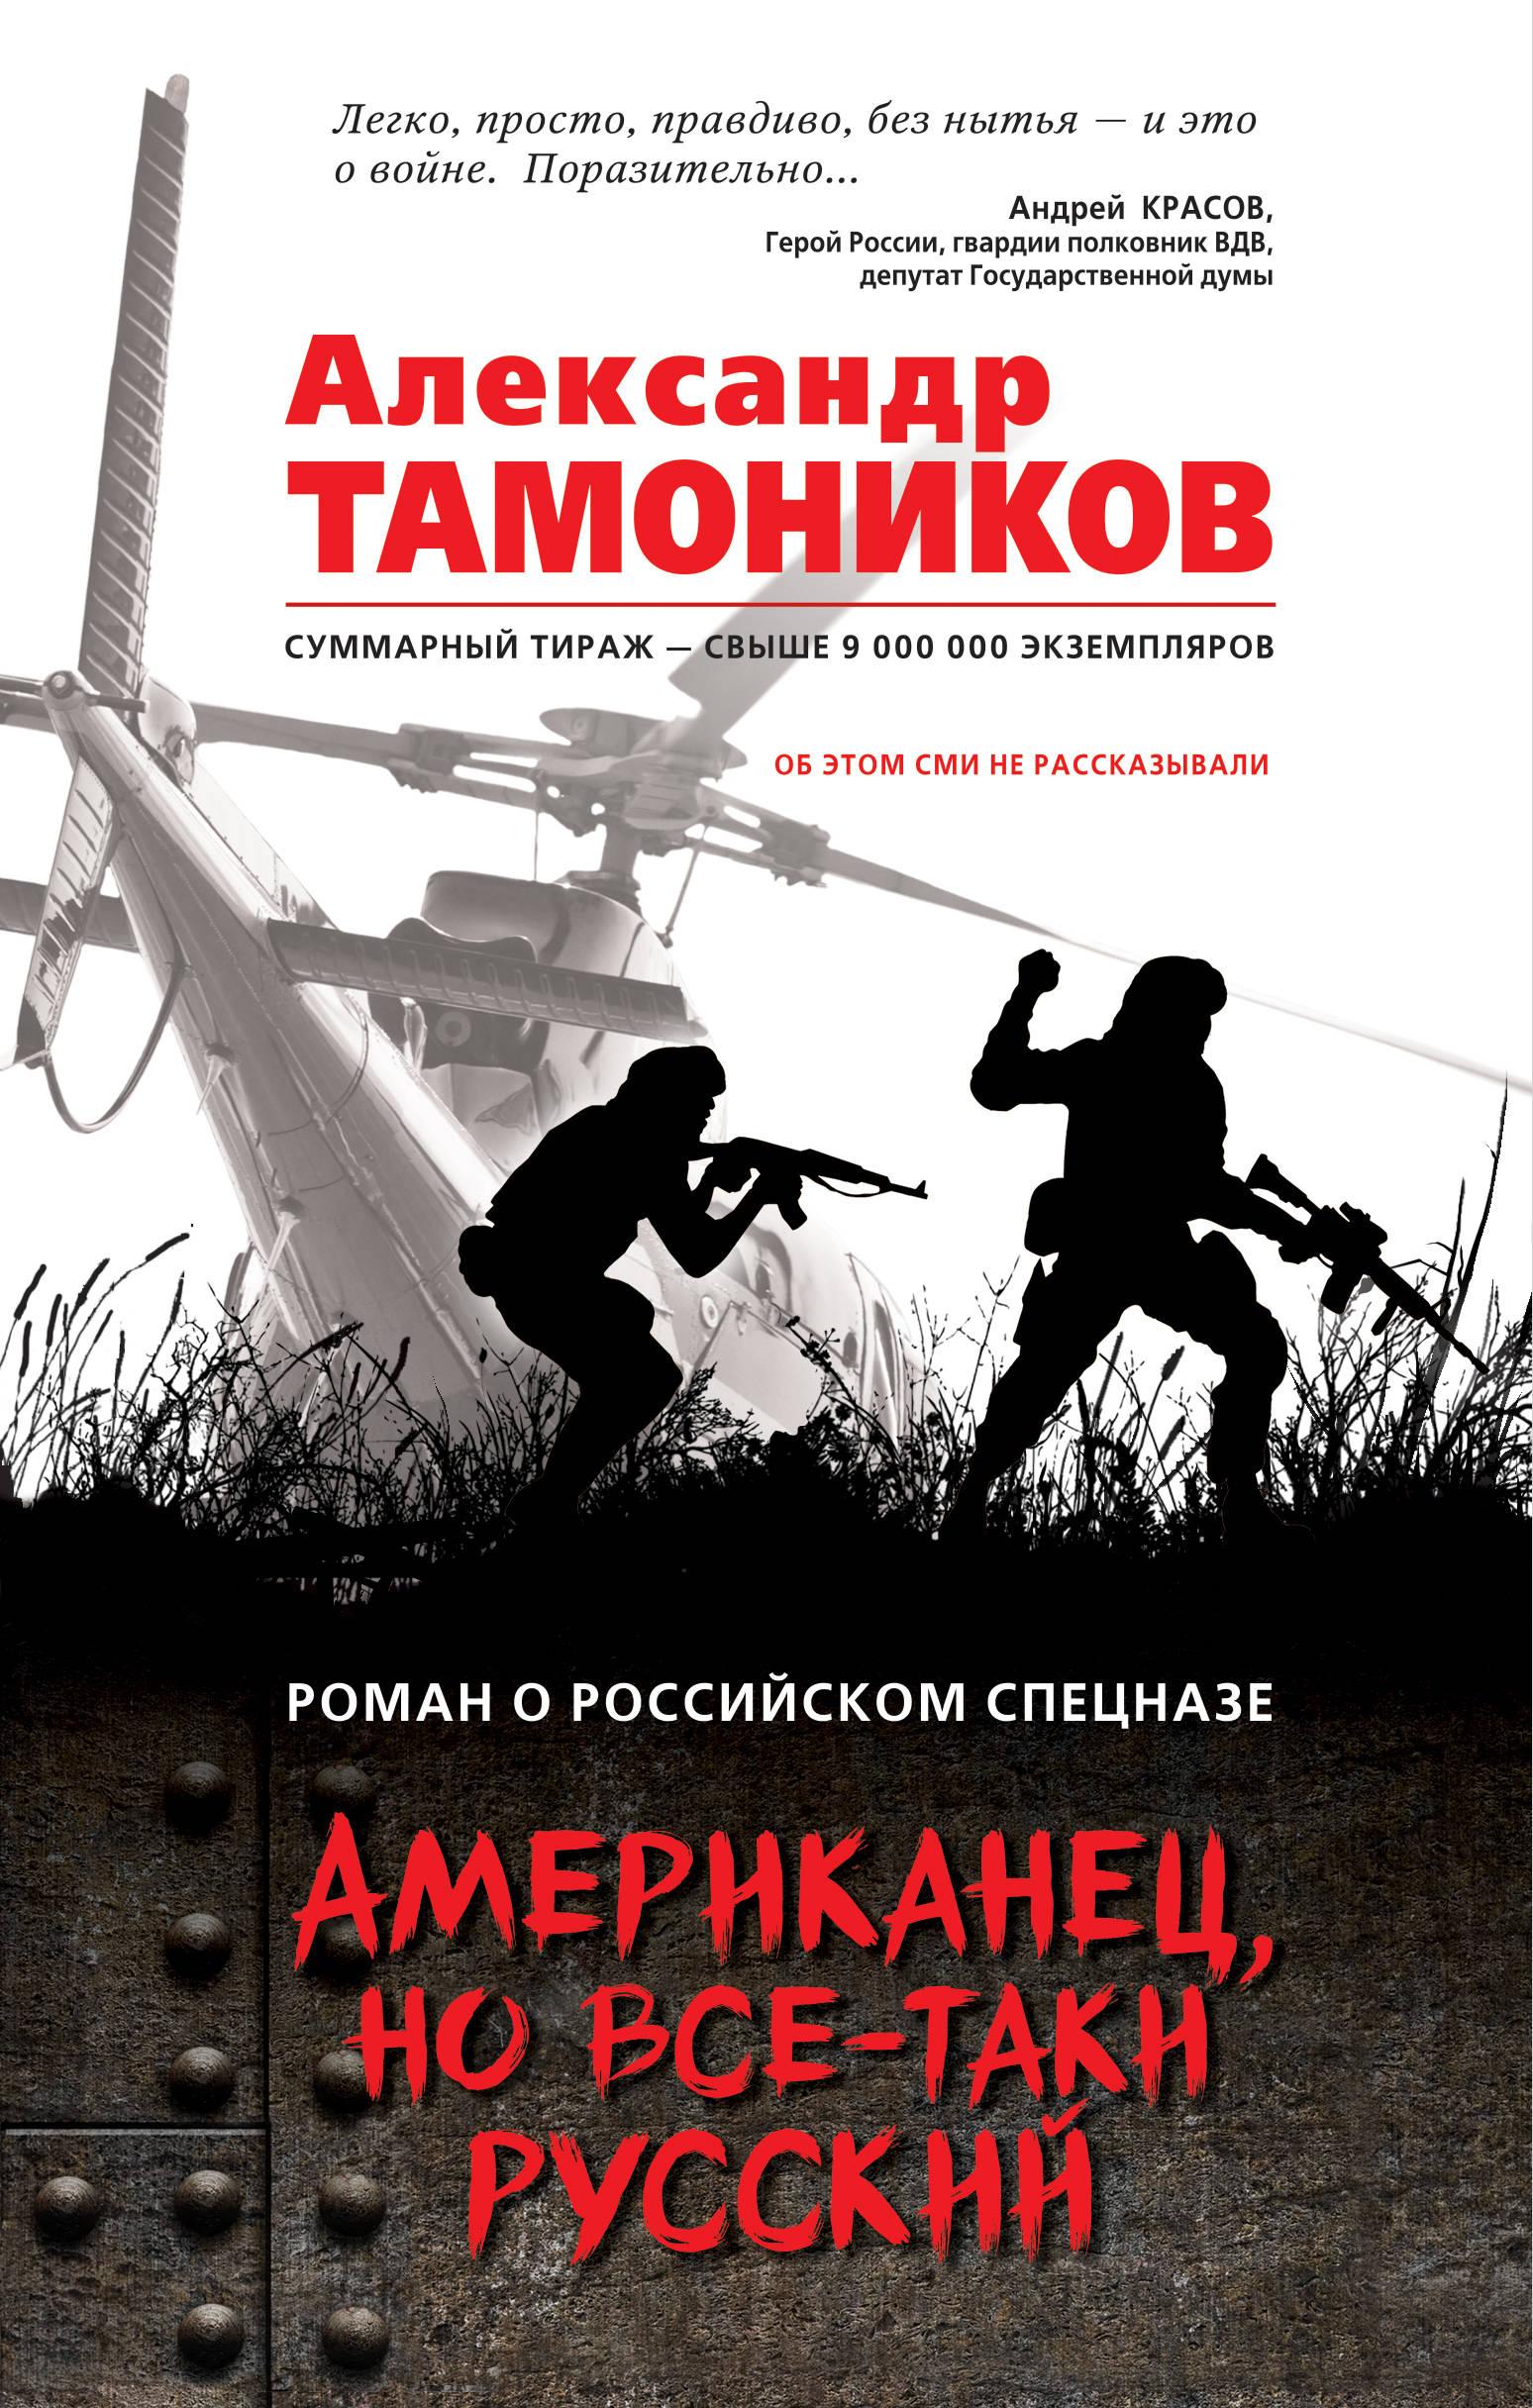 Фото Александр Тамоников Американец, но все-таки русский. Купить  в РФ